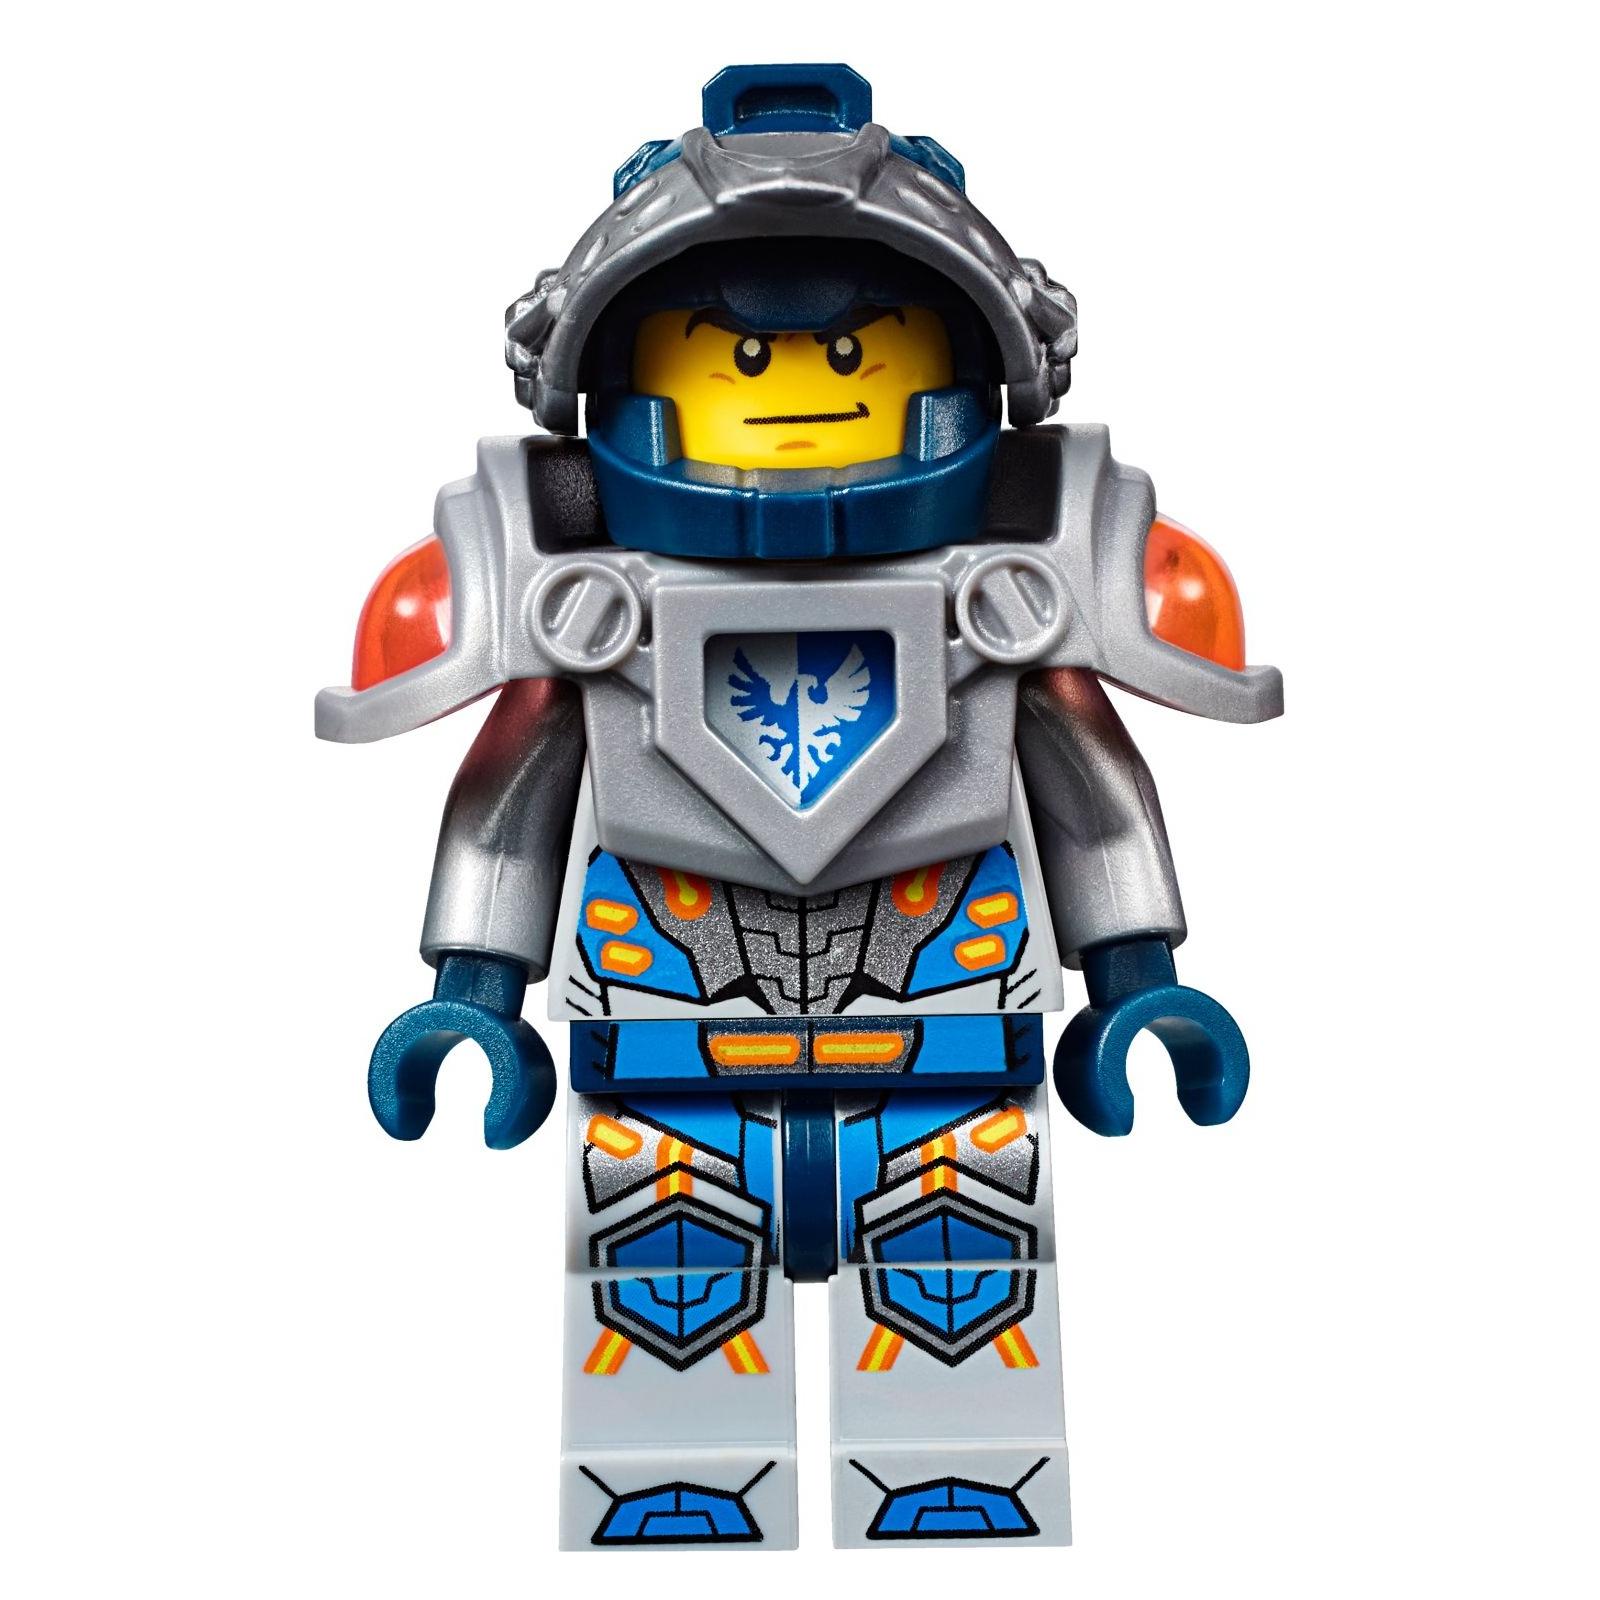 Конструктор LEGO Nexo Knights Устрашающий разрушитель Клэя (70315) изображение 11